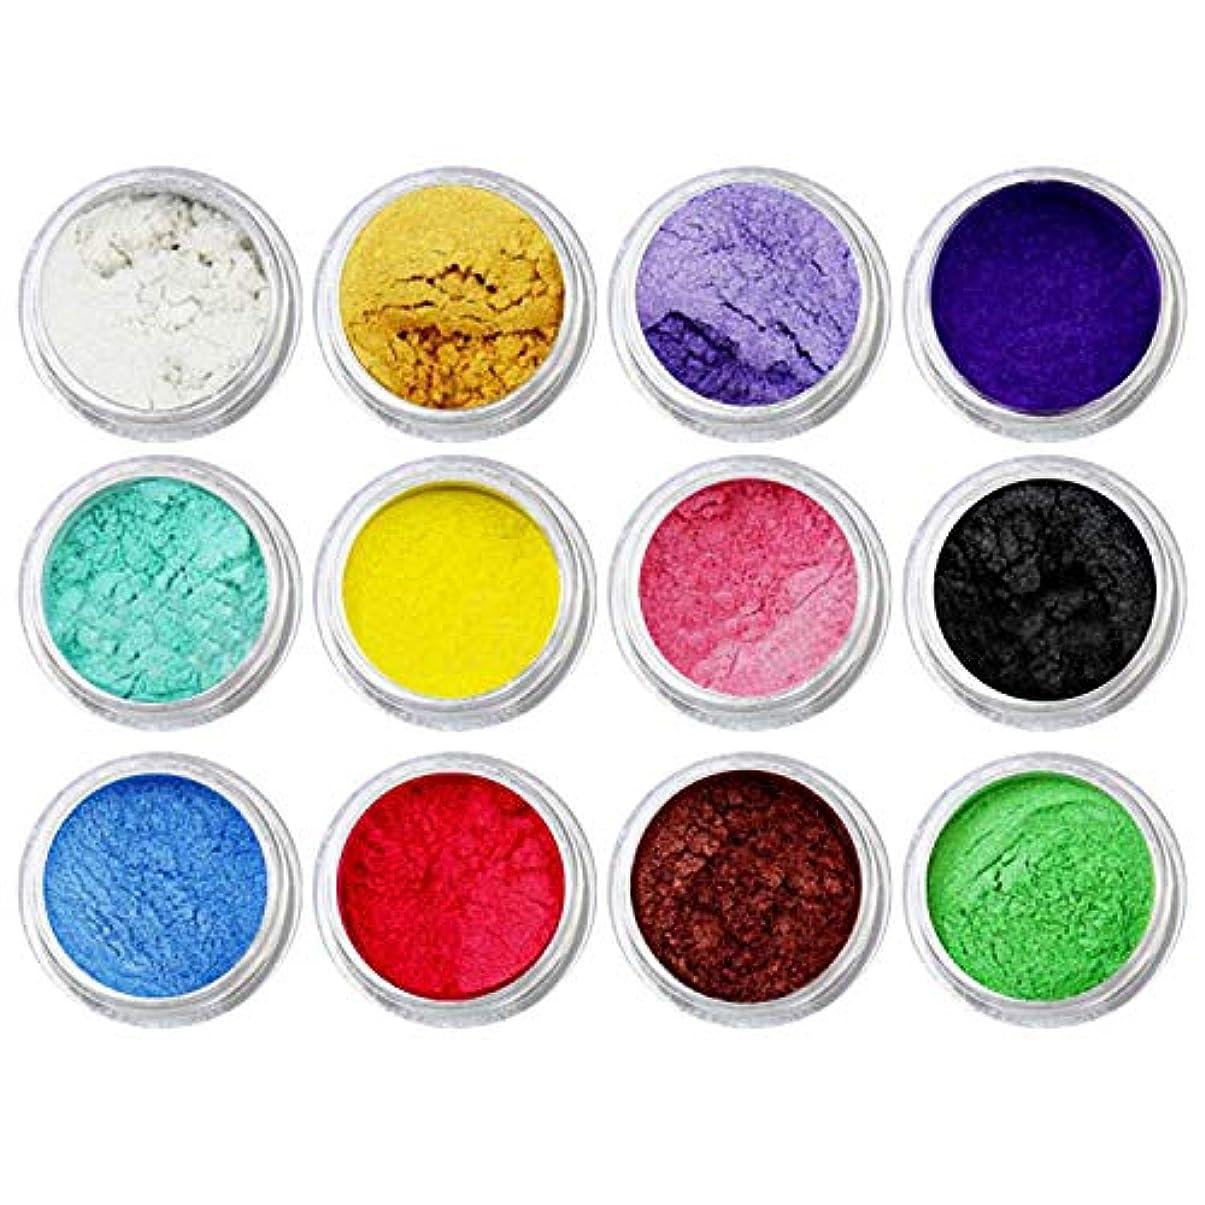 したがって宣言才能DIYネイルアートクラフトプロジェクトスライム作り用品のための12個混合色着色顔料マイカパールパウダー